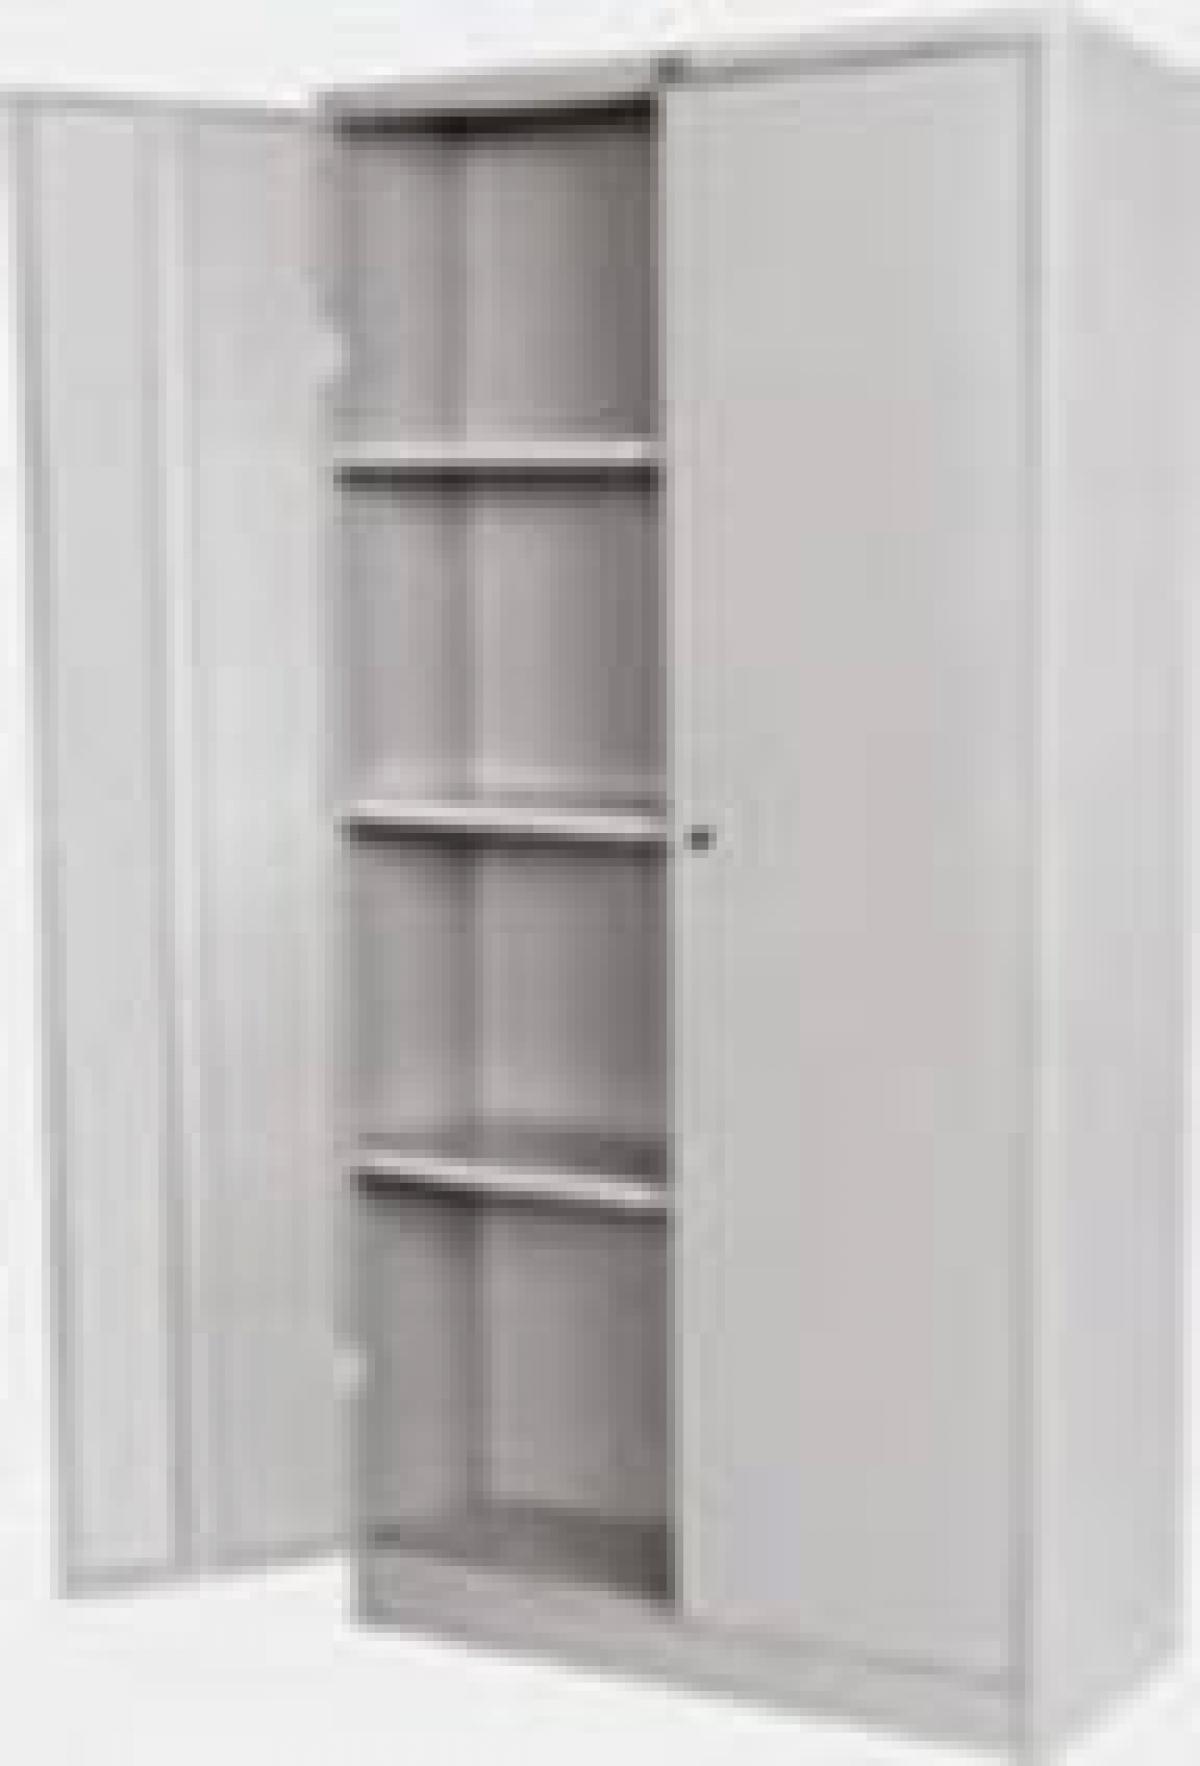 AÇO-16 - 170x075x035 Armario Para Escritorio De Aço Porta De Abrir Com 03 Prateleira e Chave